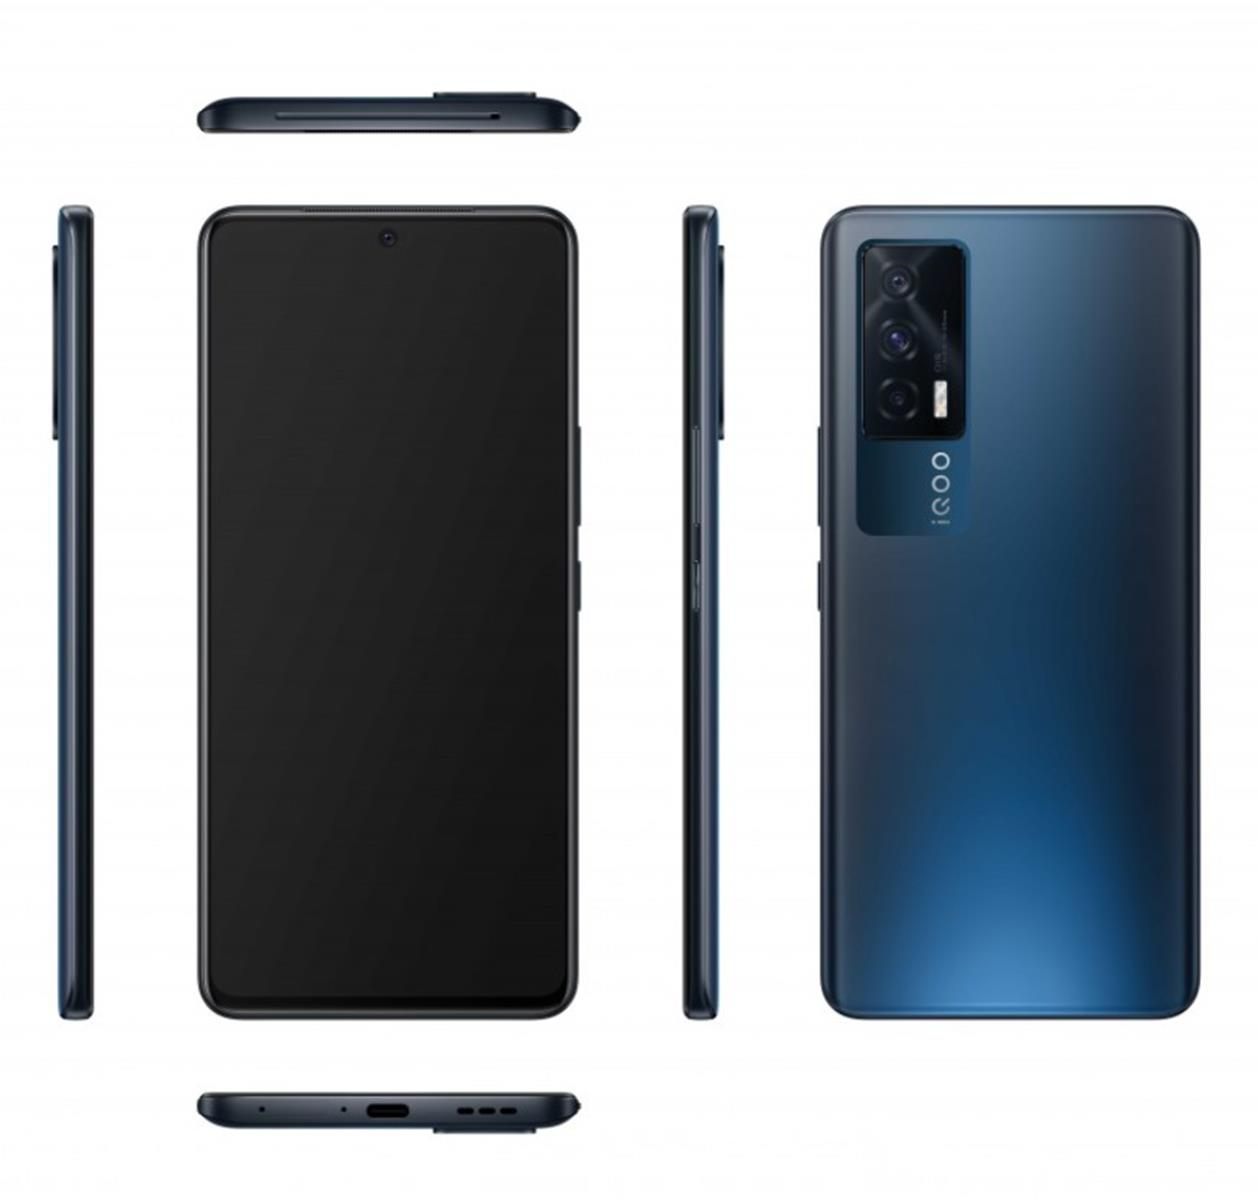 Smartfony iQOO 7 zadebiutowały. Teraz już w ogólnoświatowej wersji